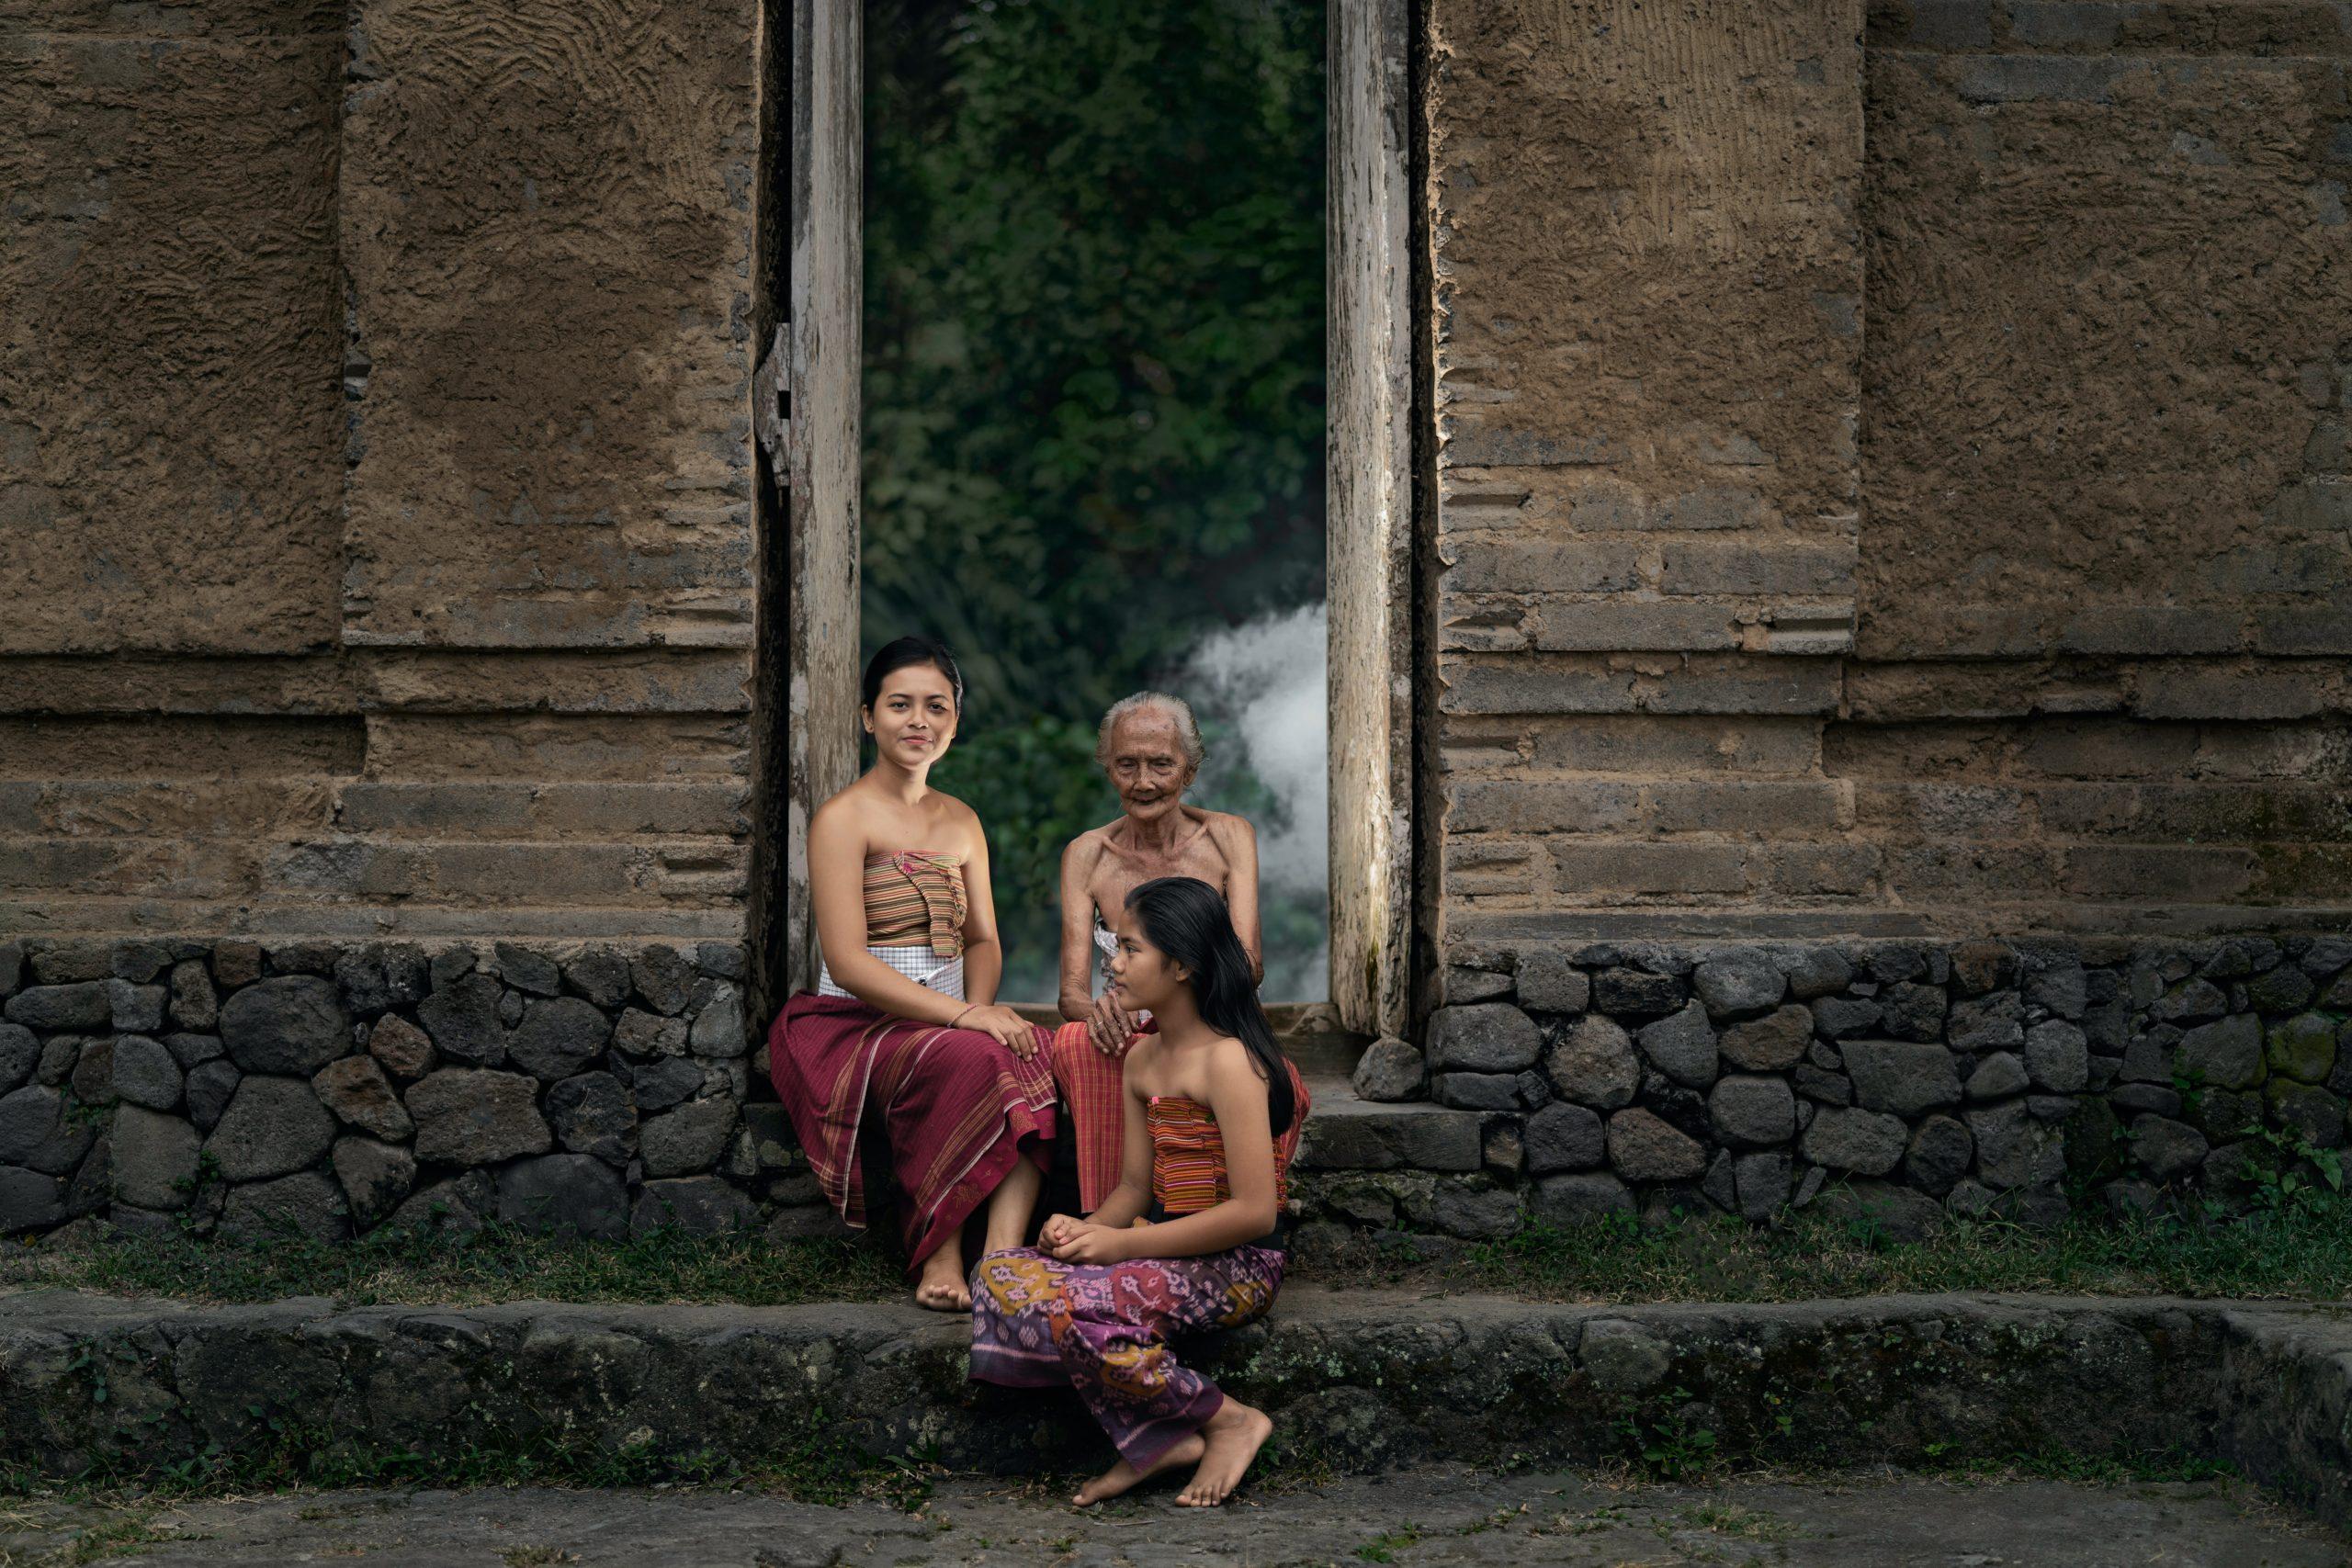 5 Kecantikan Wanita di Indonesia Zaman Dahulu - Dunia Wanita